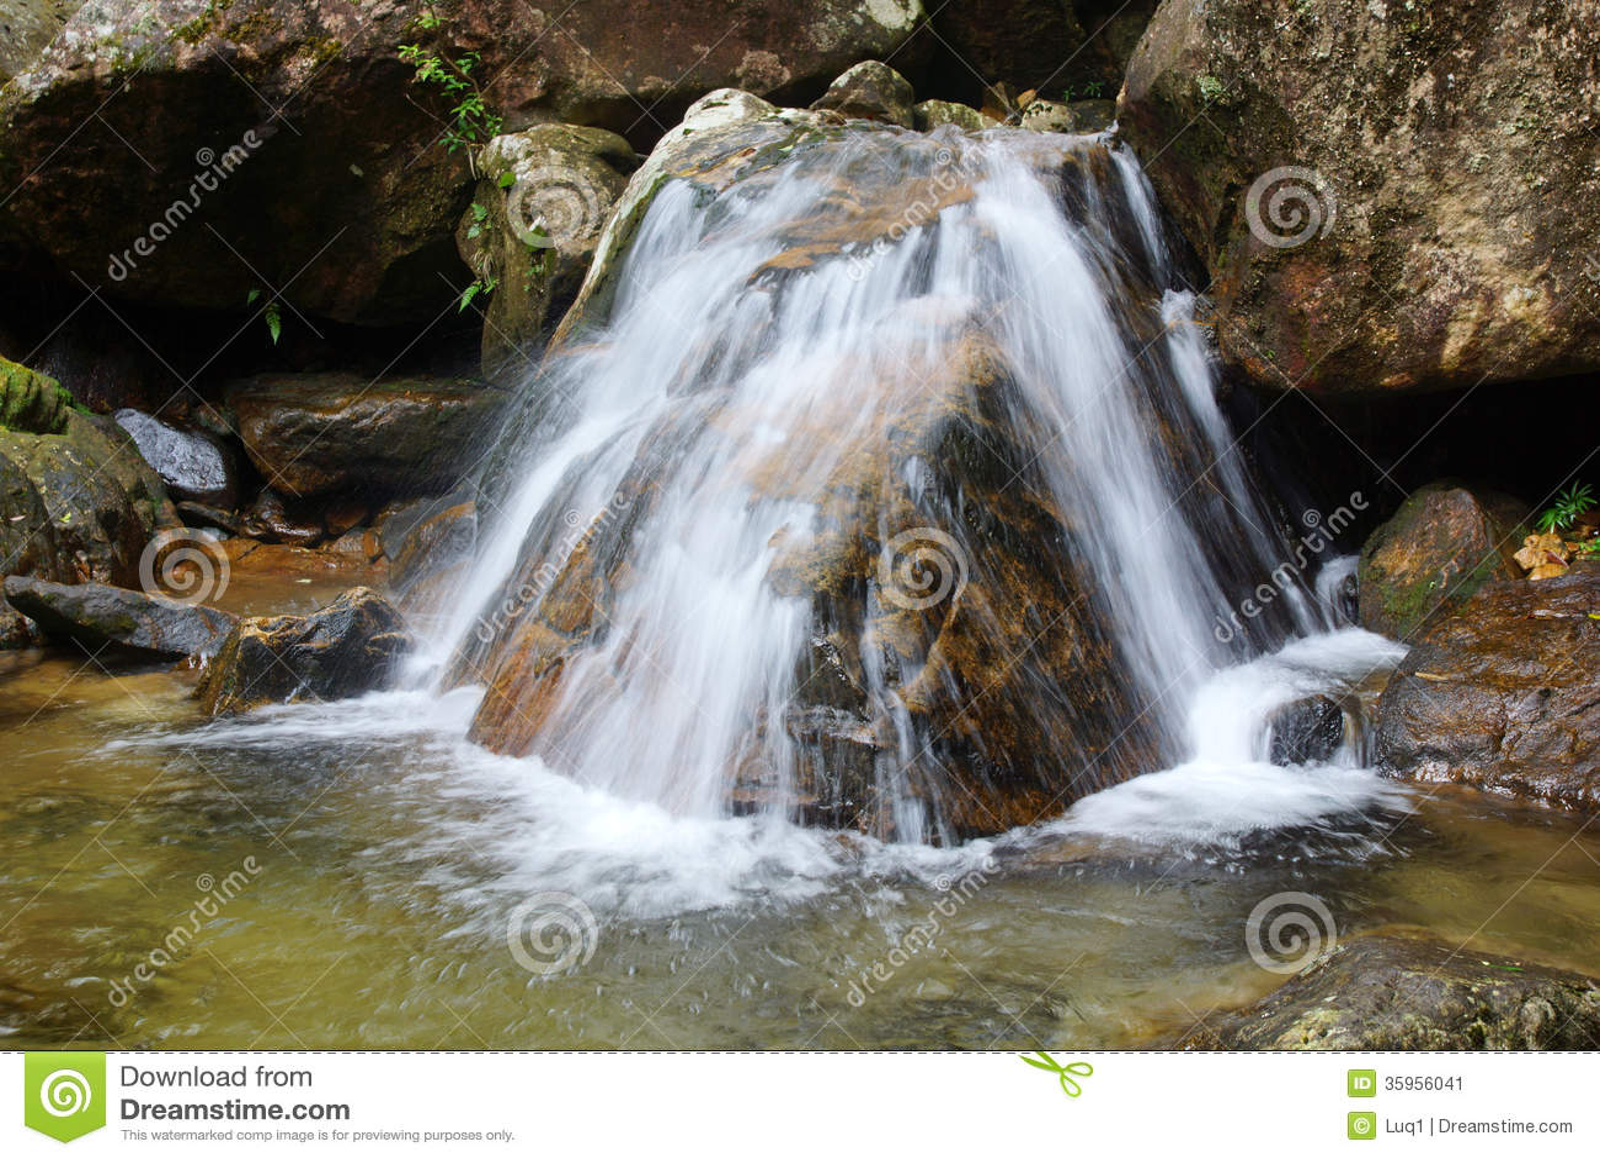 Cascada cerca de la montaña de Wuyishan, provincia de Fujian, China